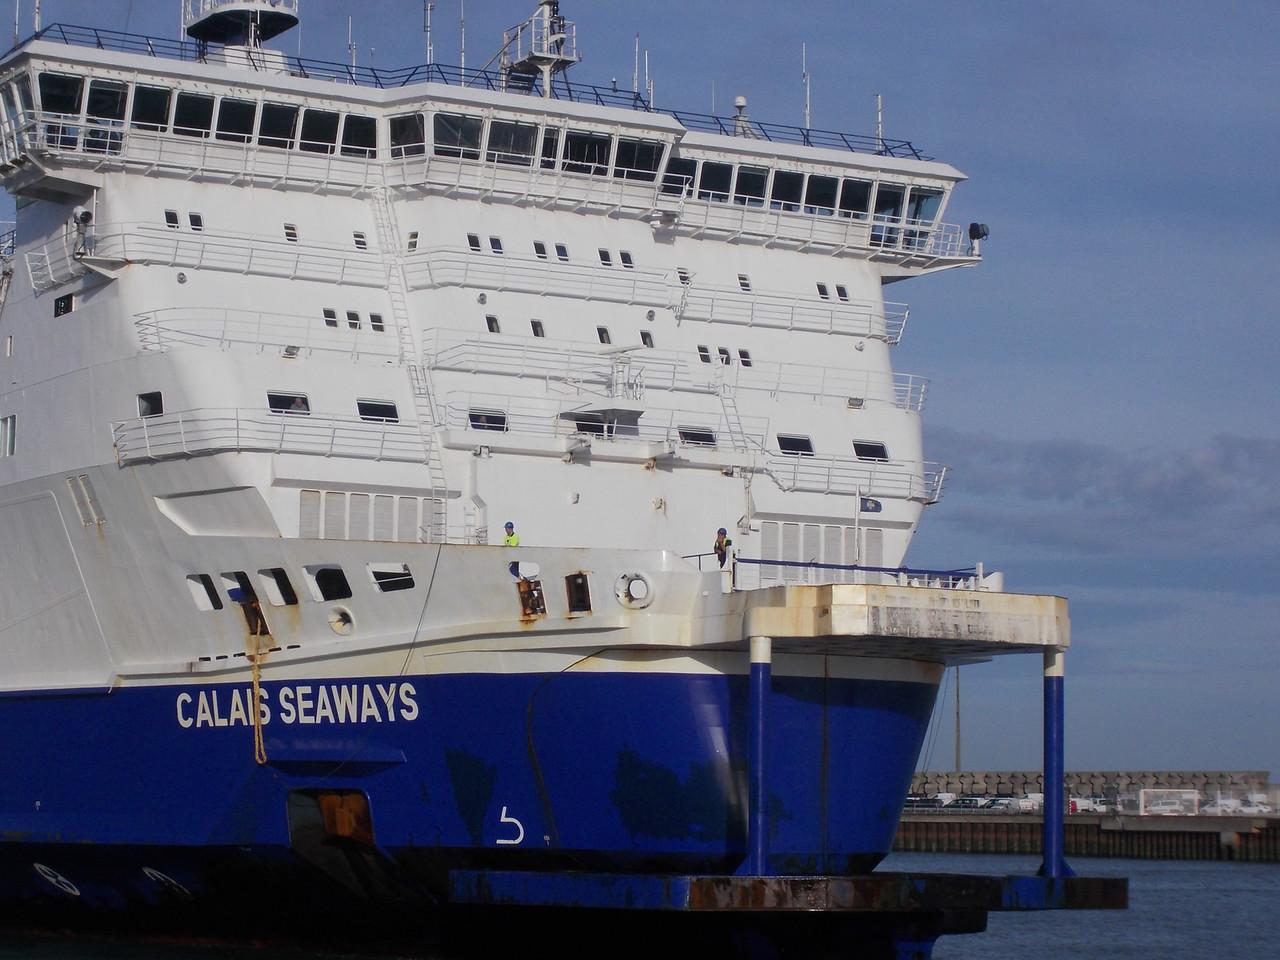 notre bateau arrive à calais